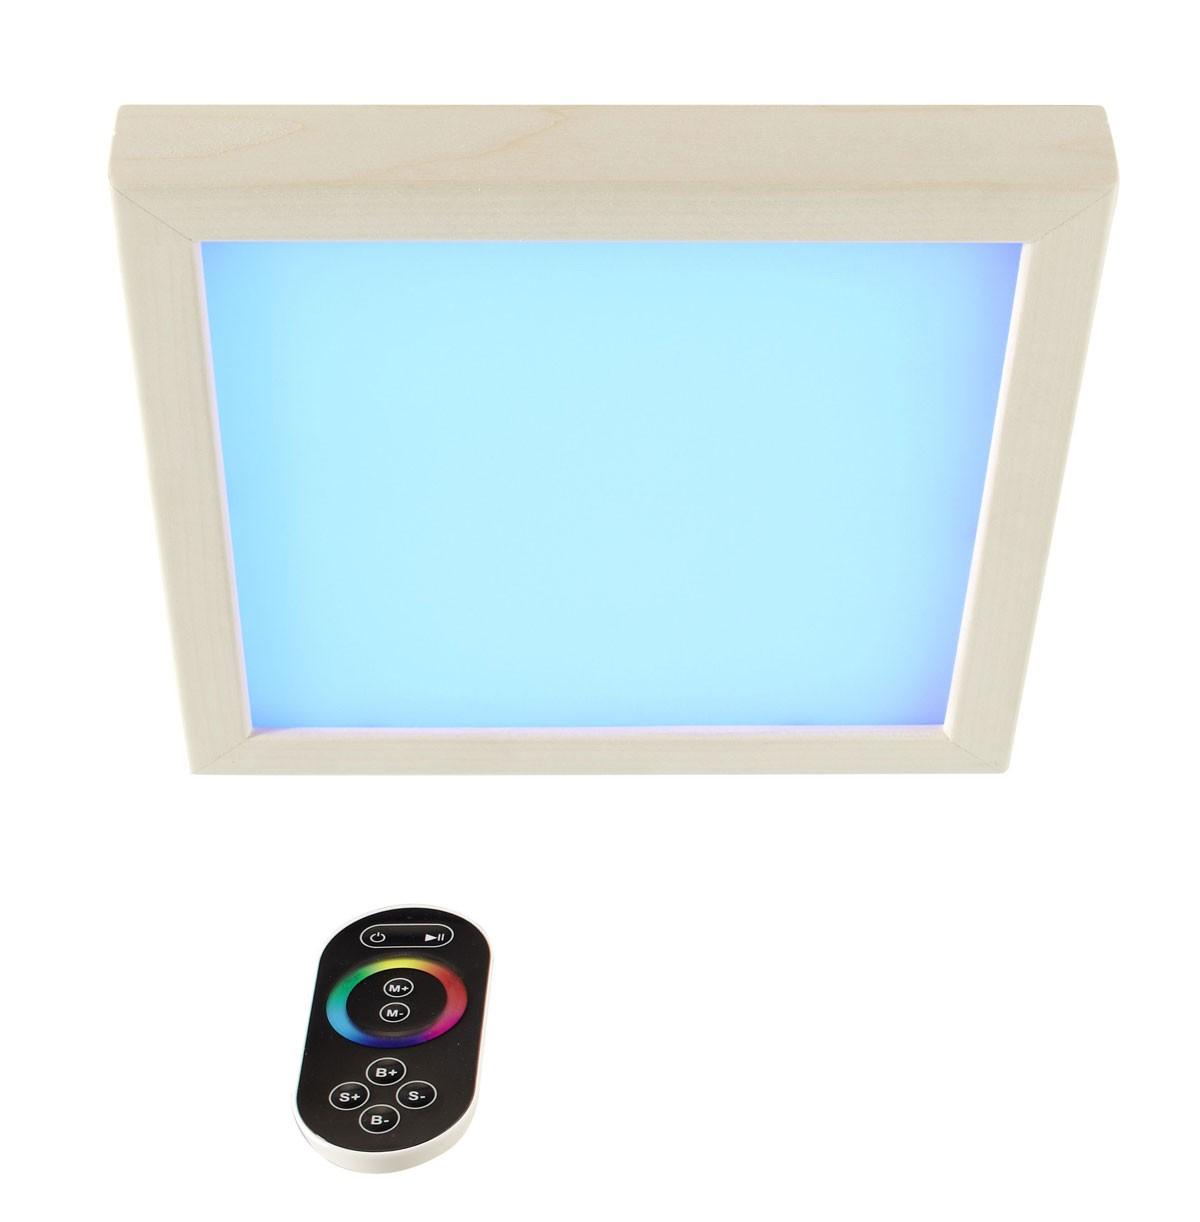 Farblicht LED Karibu für Sauna und Infrarotkabine Größe 2 Bild 1